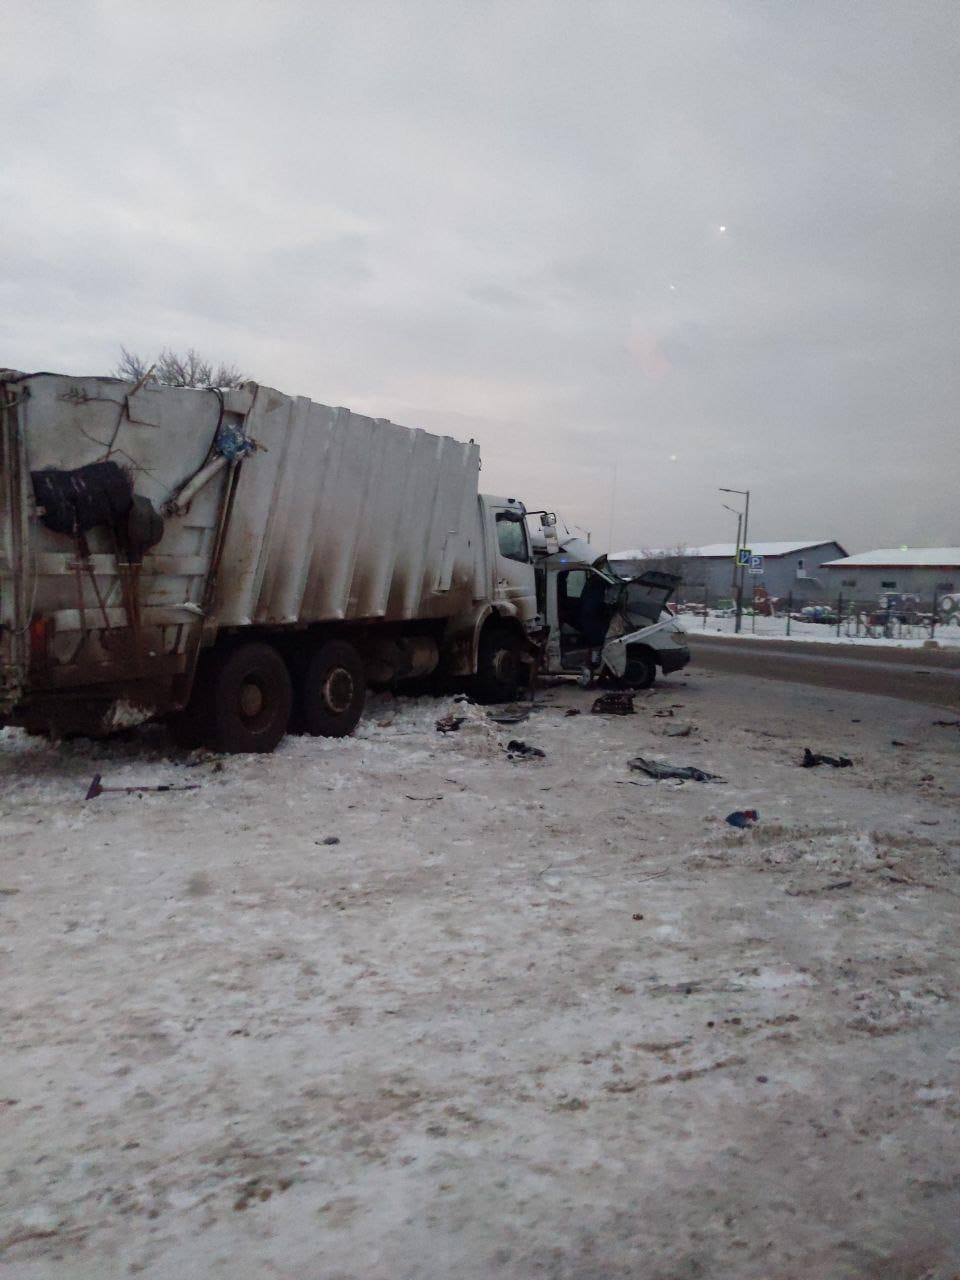 Двоє померли і 13 травмовані: у поліції назвали причини смертельної ДТП поблизу автобазару (ФОТОФАКТ)